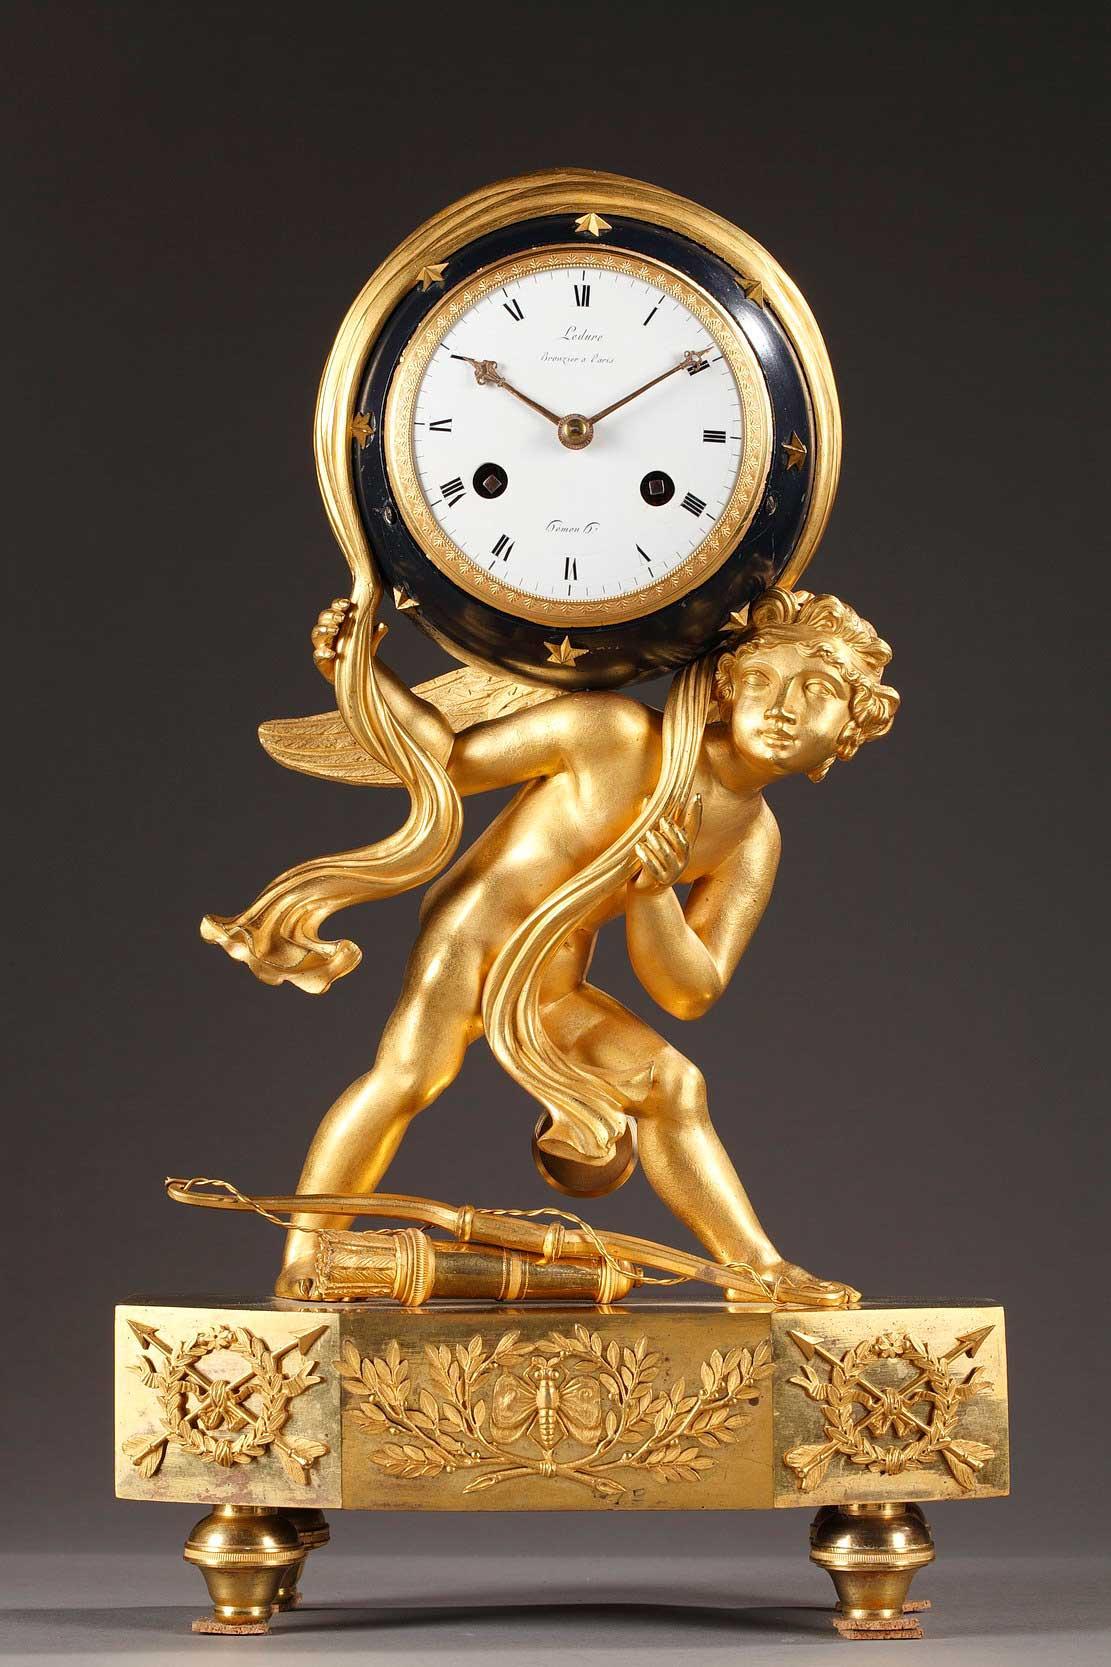 Pendule en bronze doré, ciselé et patine bleue d'époque Empire. Cupidon, dont le carquois et l'arc sont à ses pieds, maintient la voute céleste sur son épaule.